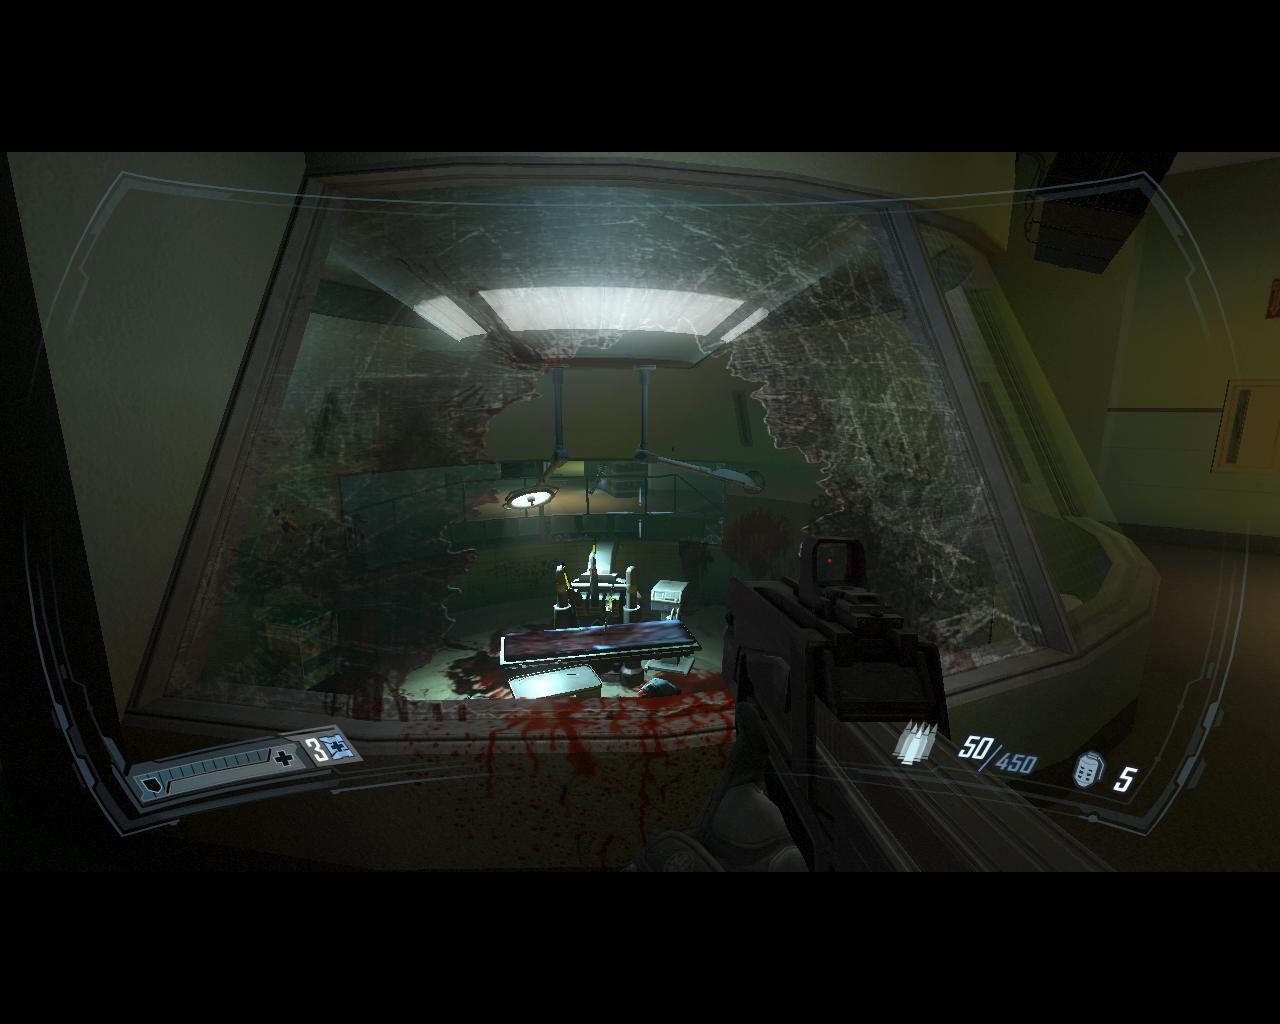 Spieletest: Fear 2 - Action, Angst und Alma - Nahe eines Labors trifft der Spieler auf Mutanten.